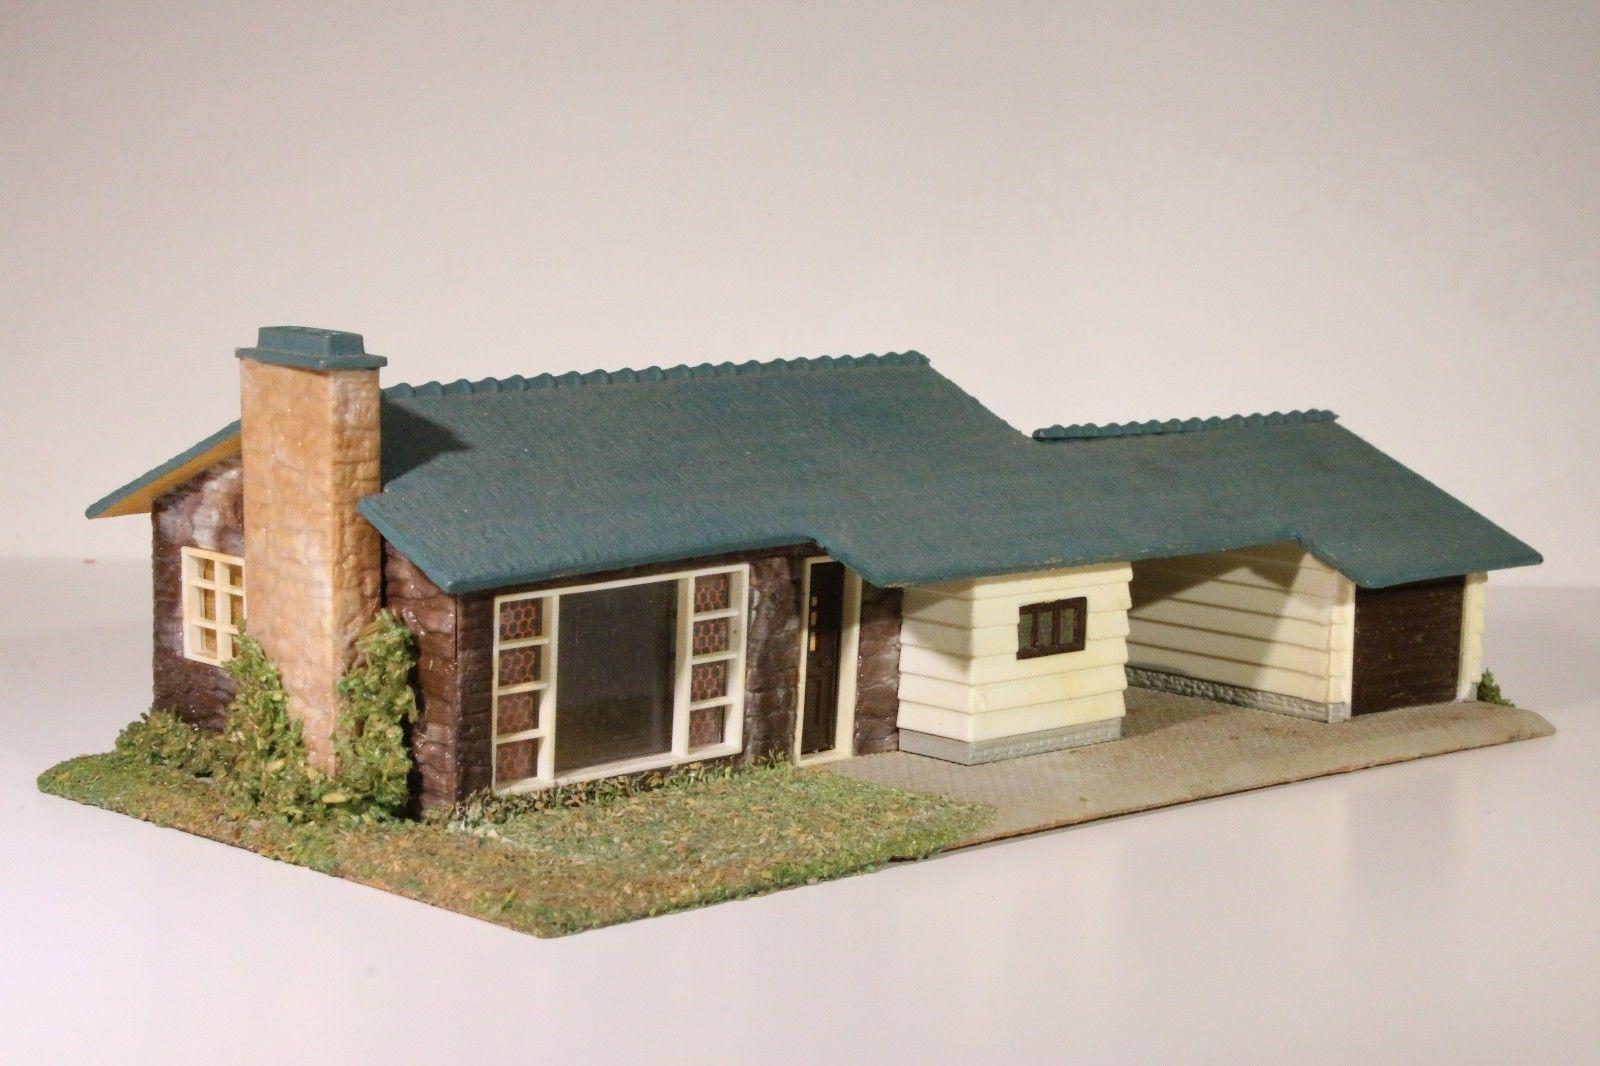 bahnbauten h0 tt n bungalow mit kamin und freistehender. Black Bedroom Furniture Sets. Home Design Ideas